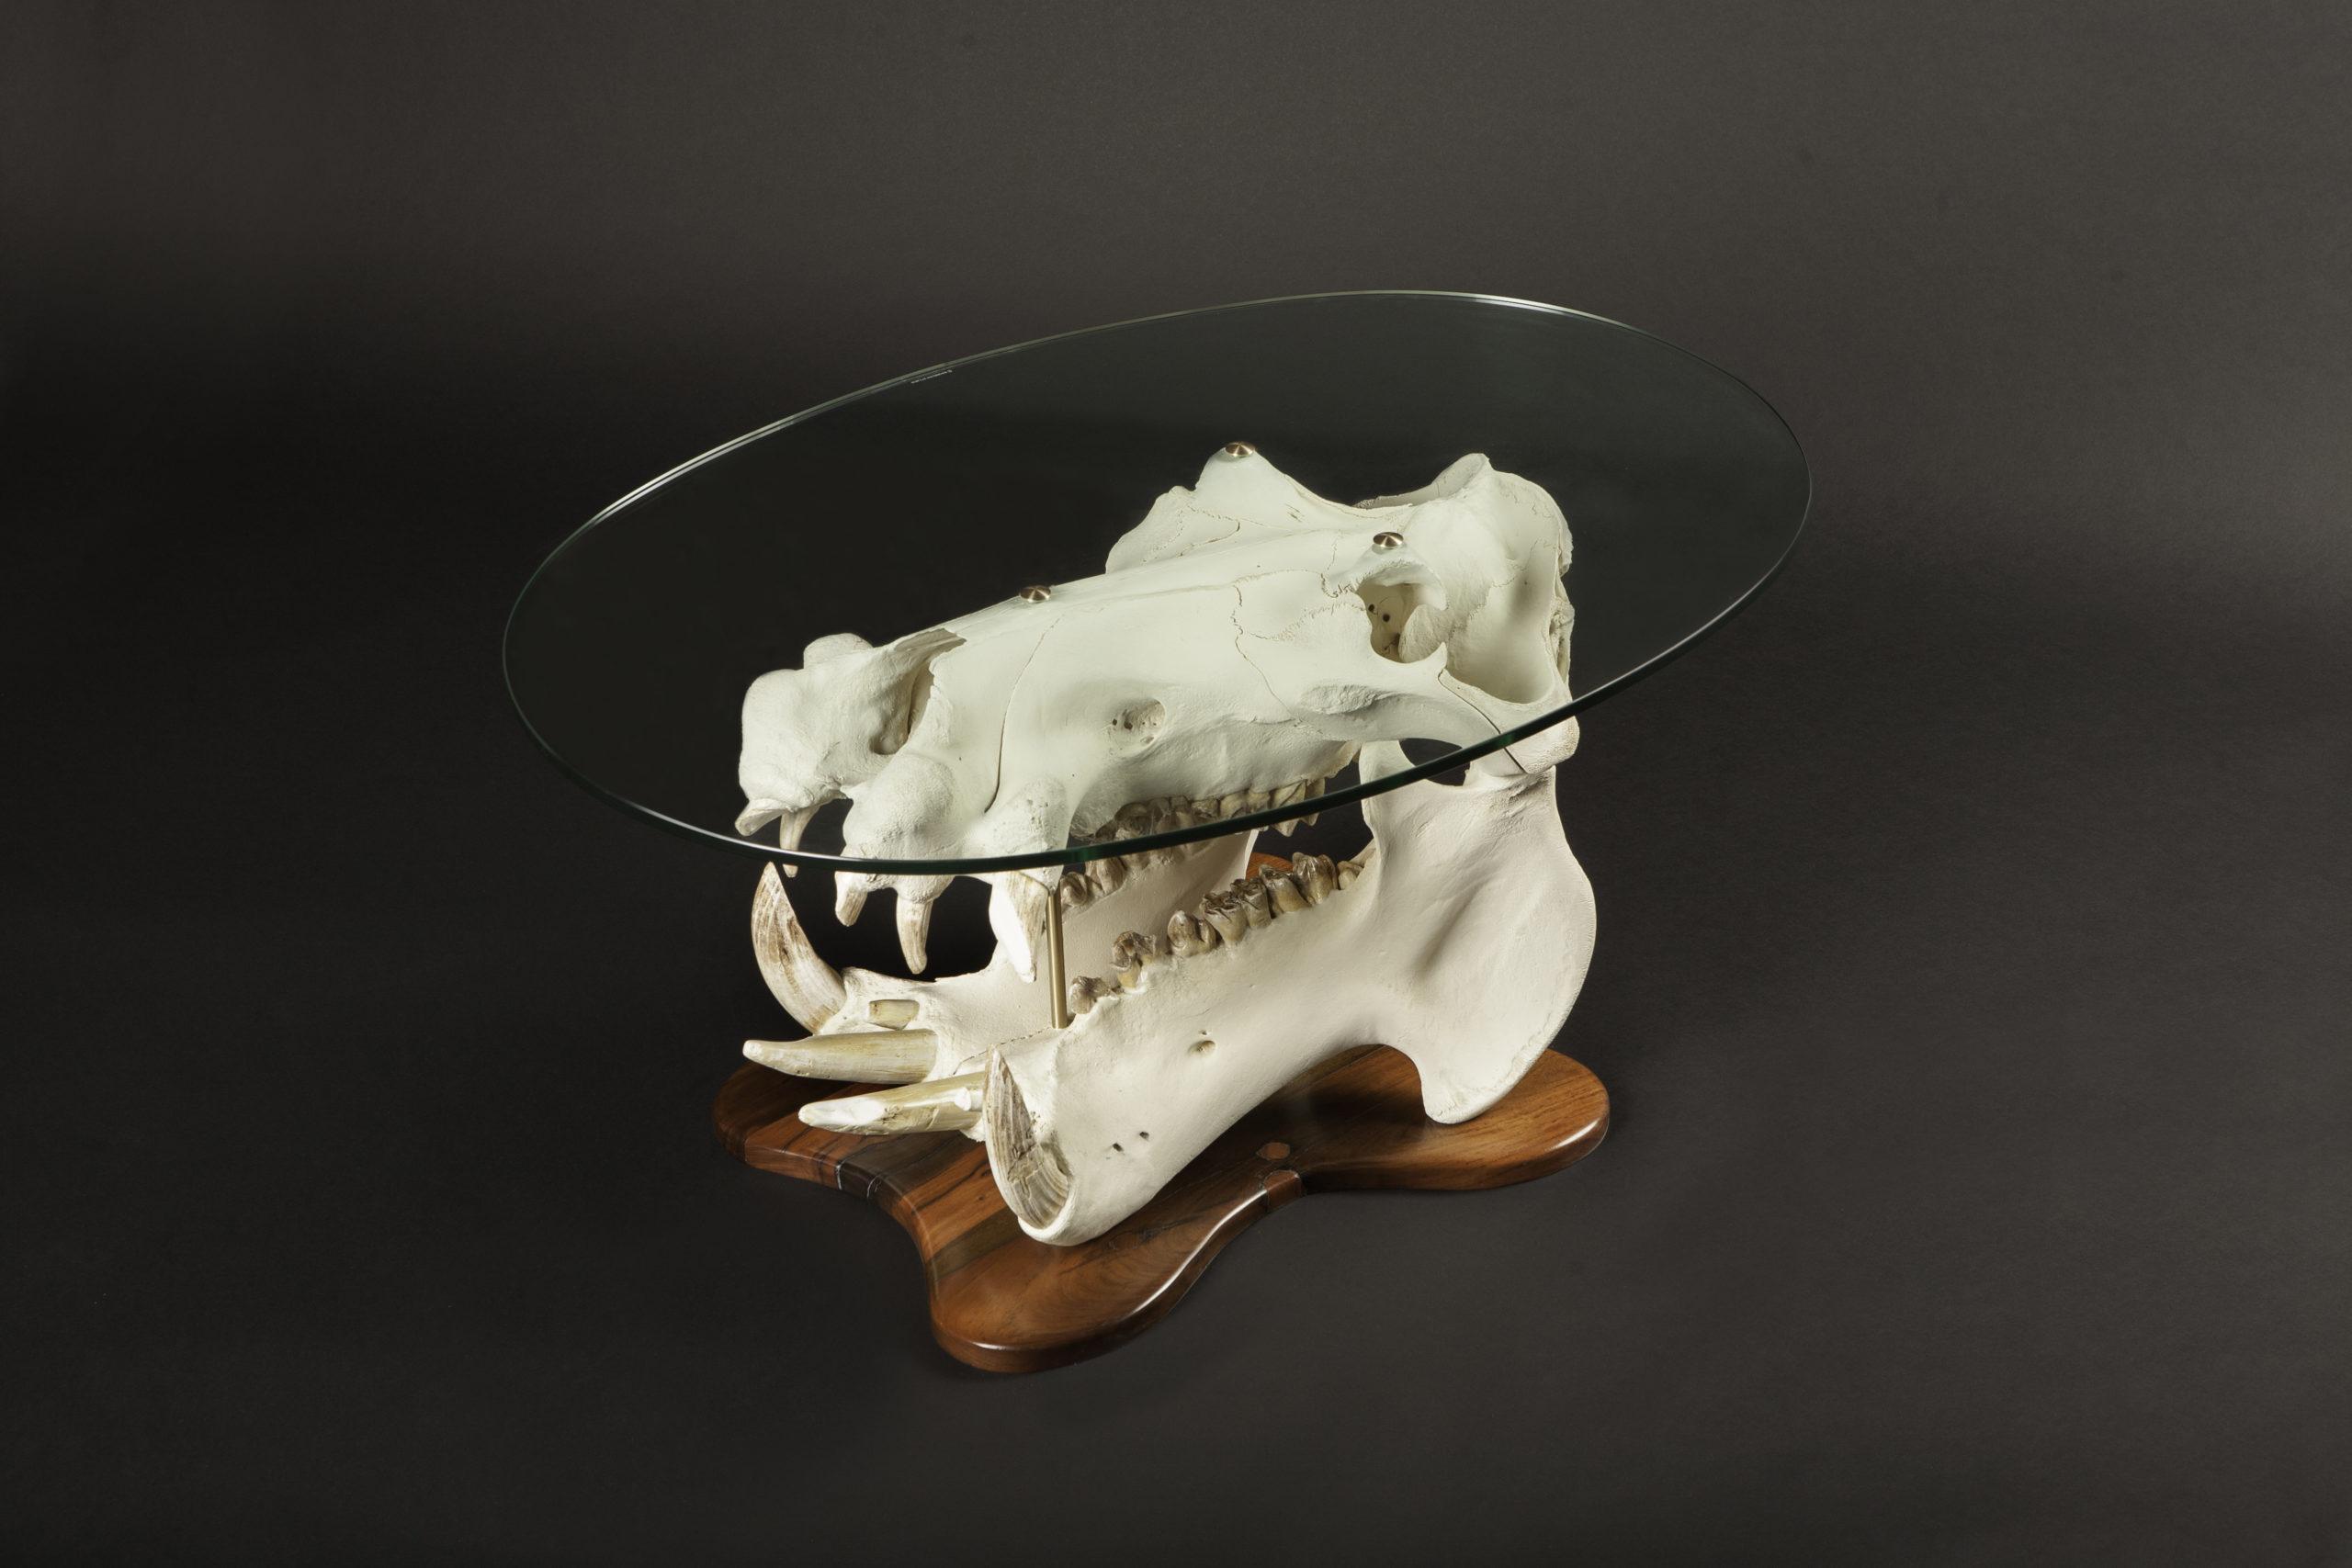 Hippo-skull-glass-table-scaled.jpg